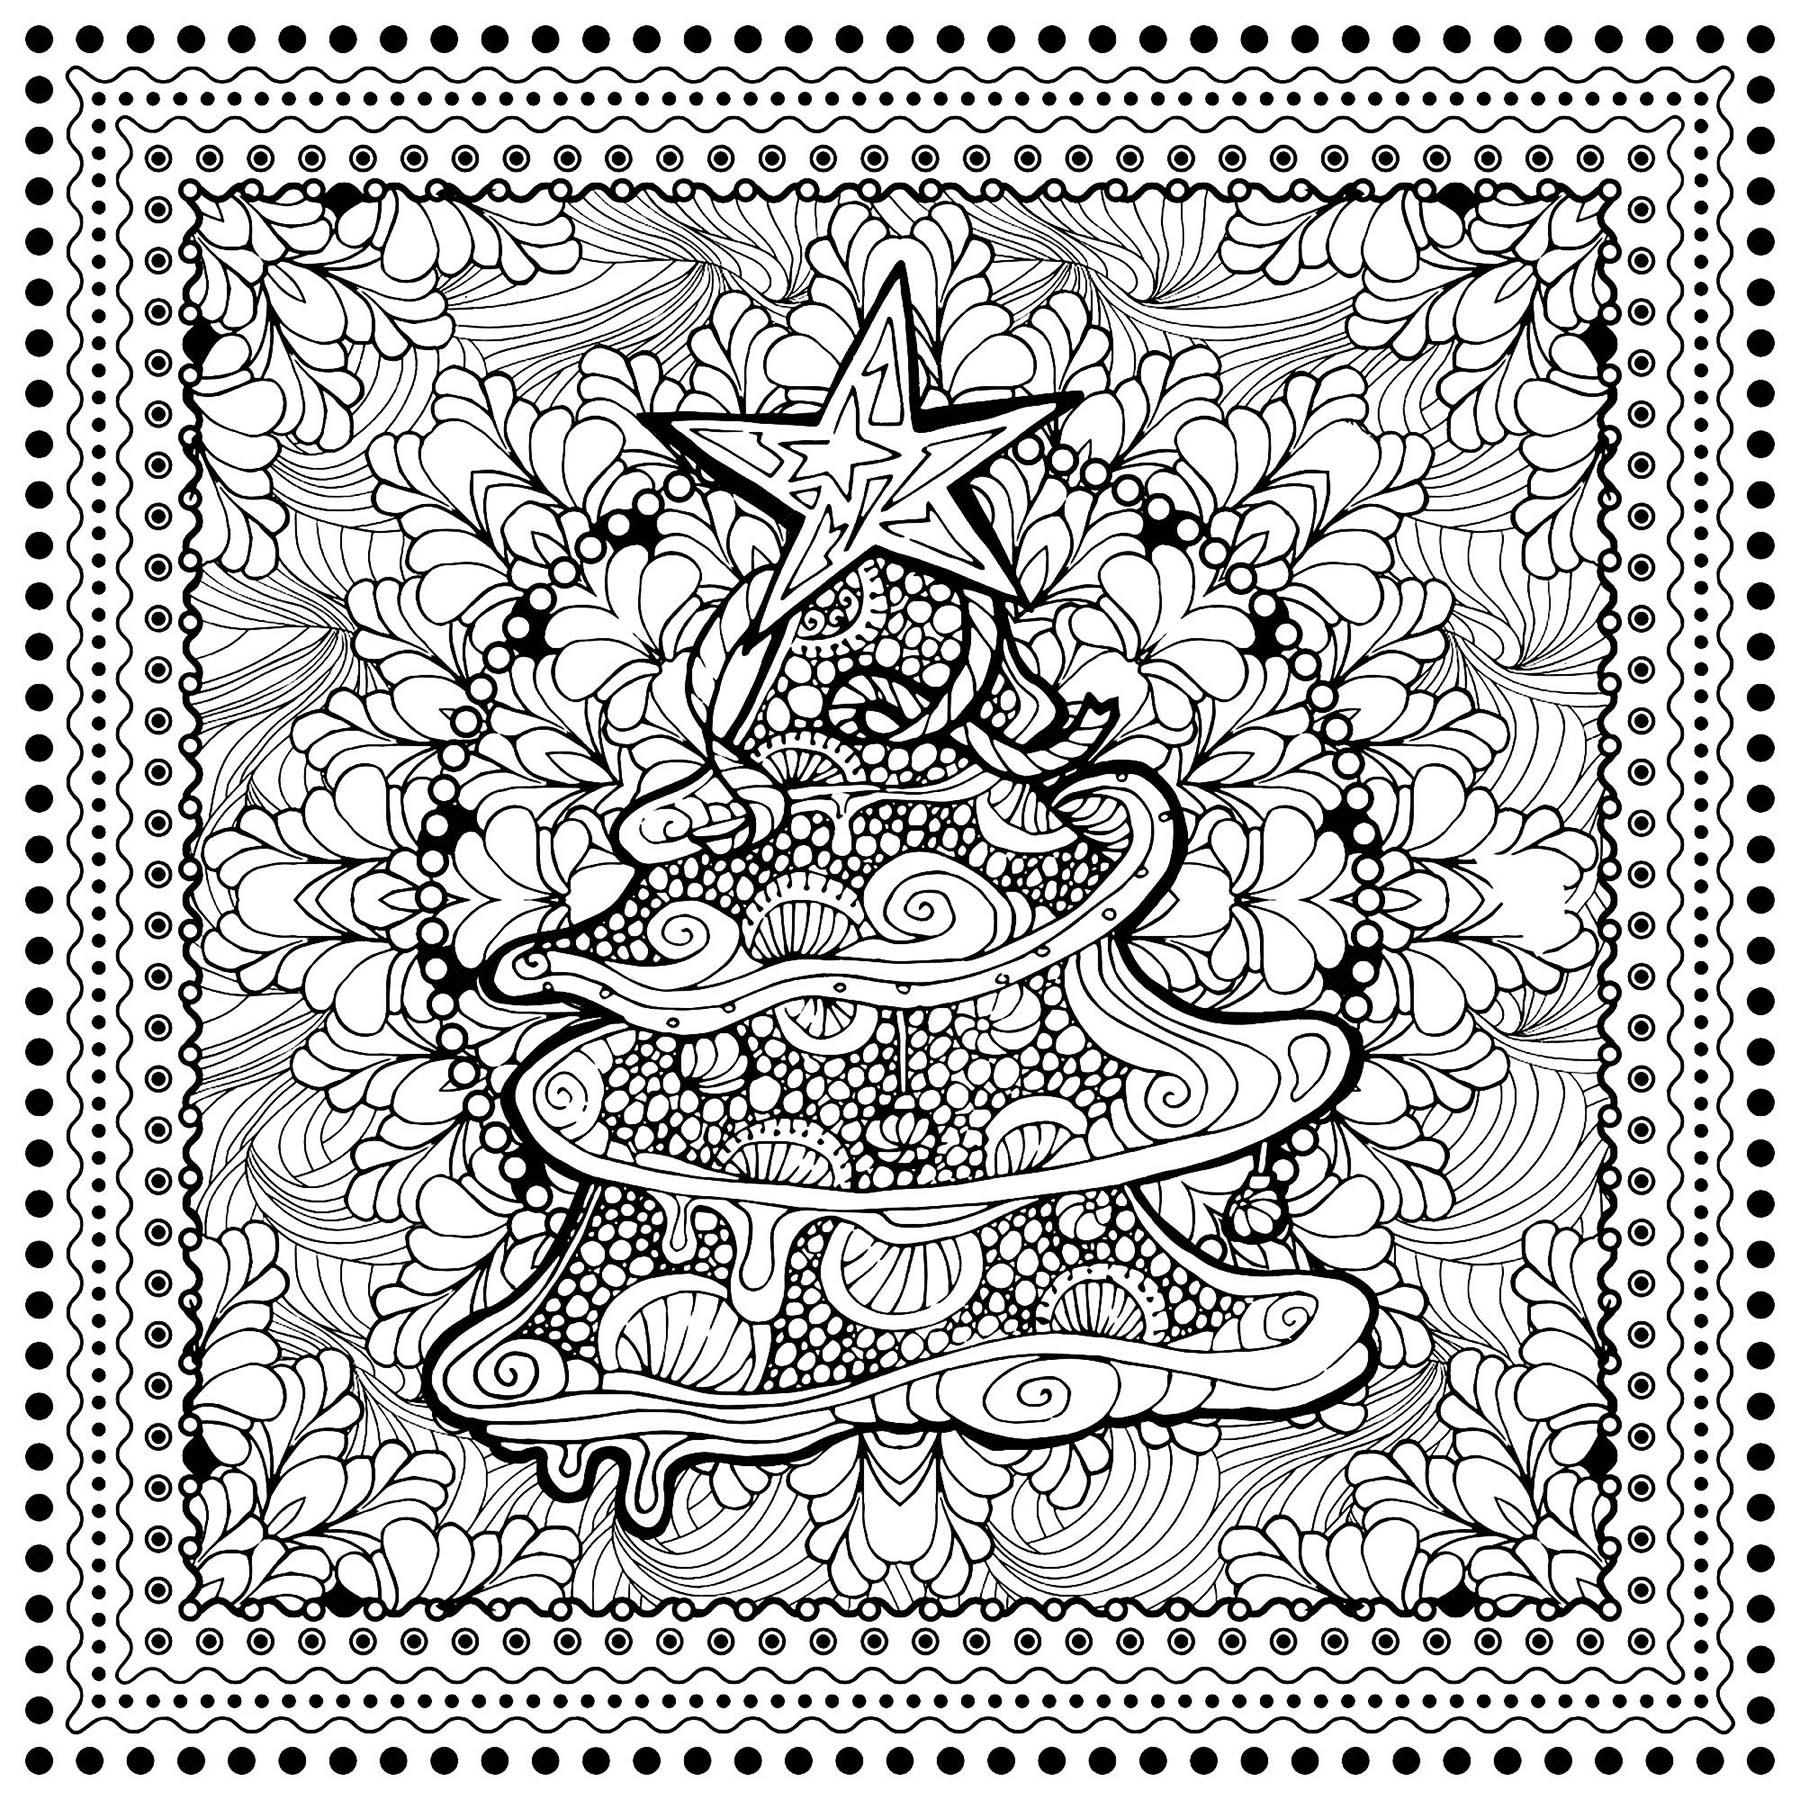 Arbre Noel Ilonitta - Noël - Coloriages Difficiles Pour dedans Coloriage Magique Pour Adulte